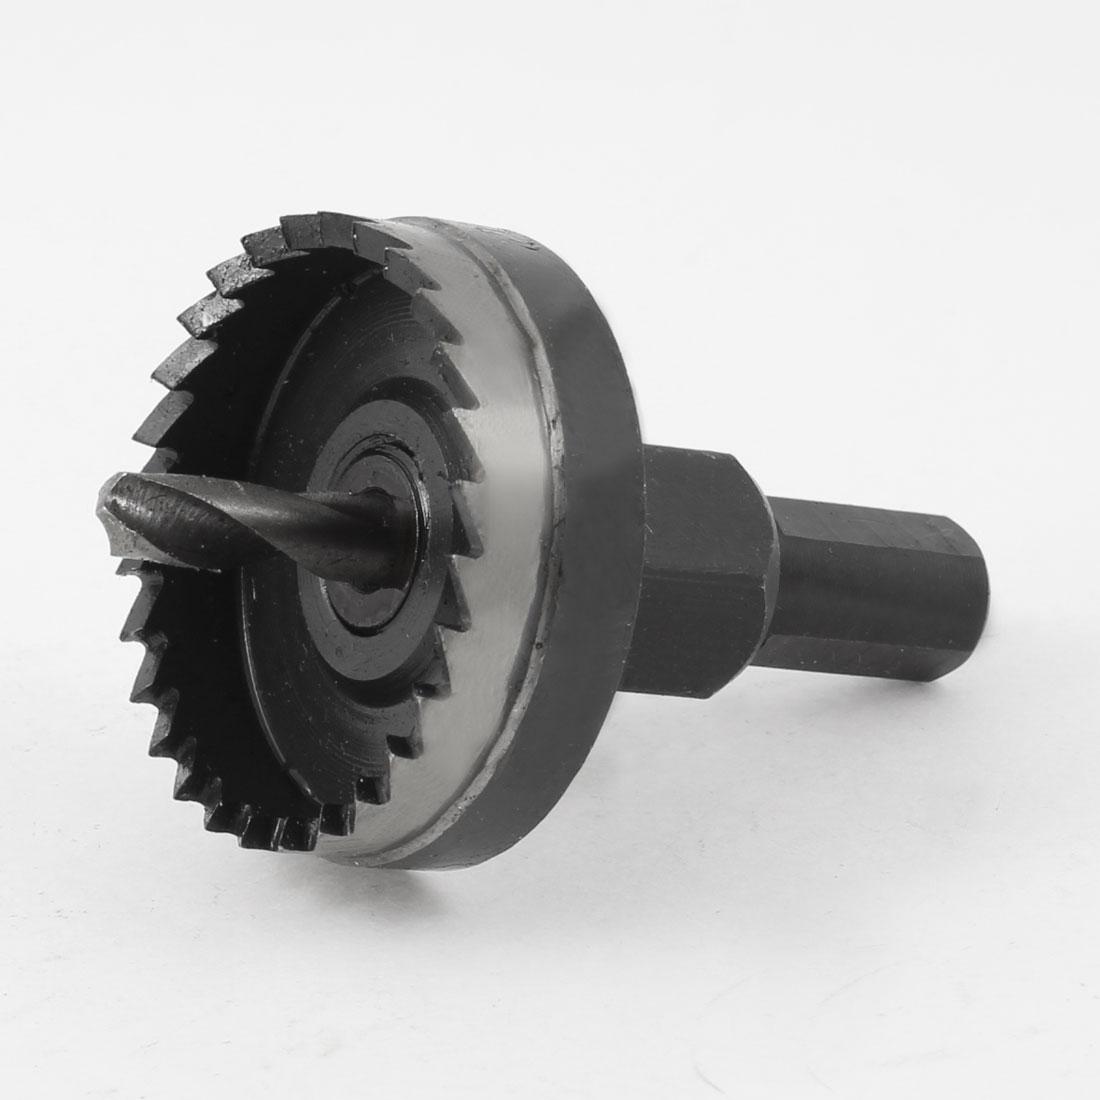 12mm Triangle Shank Twist Drill Bit HSS Hole Saw 42mm Diameter